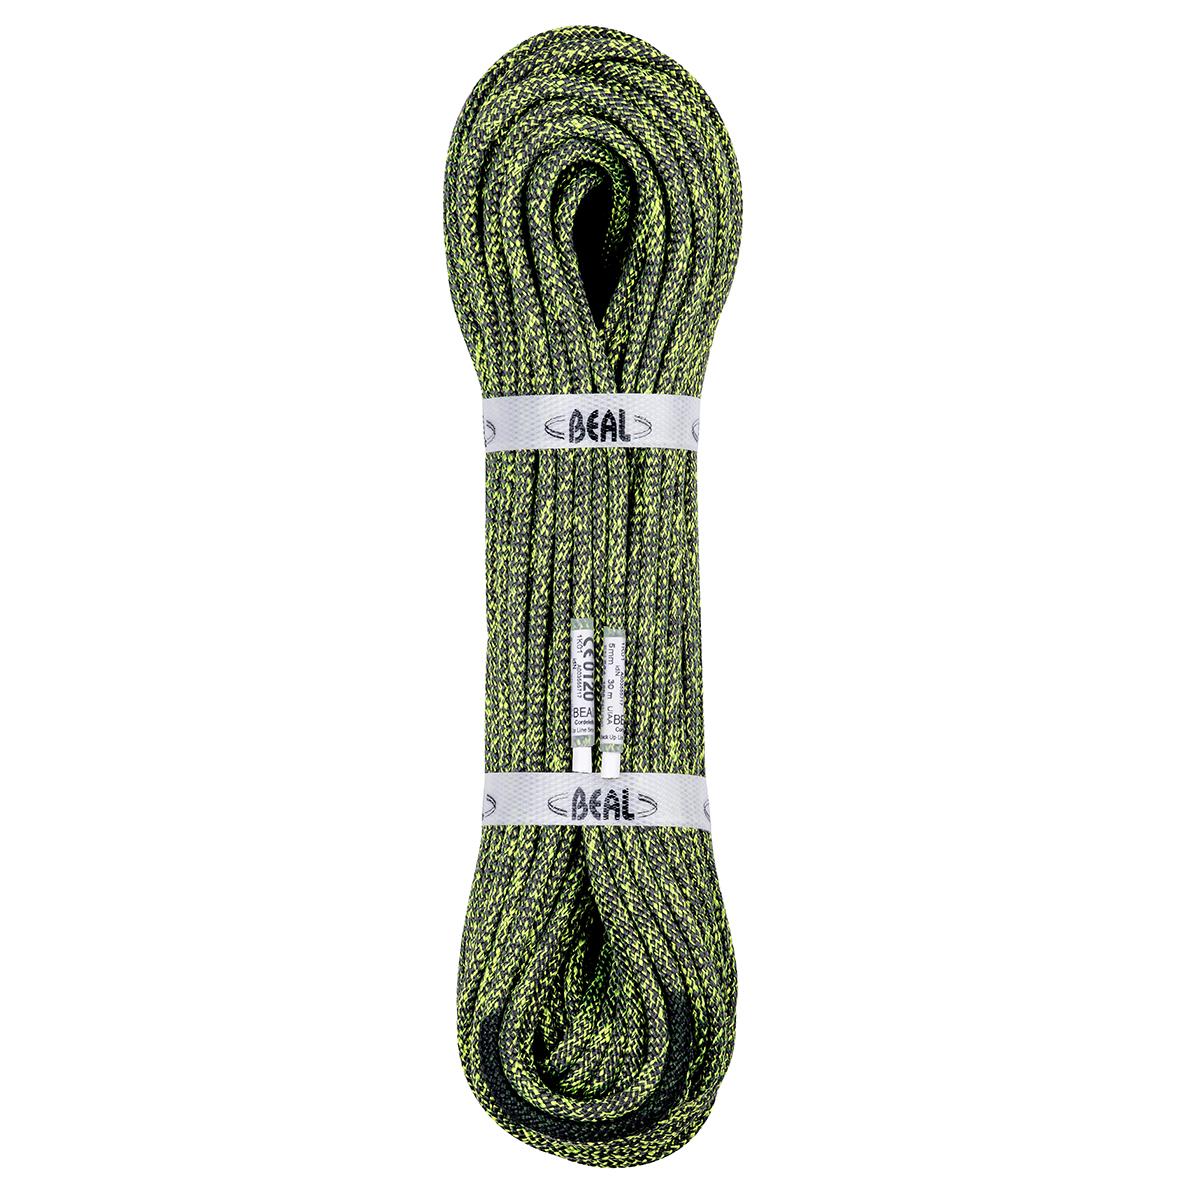 ベアール補助ロープ 5mm バックアップライン 30m グリーン(P5)